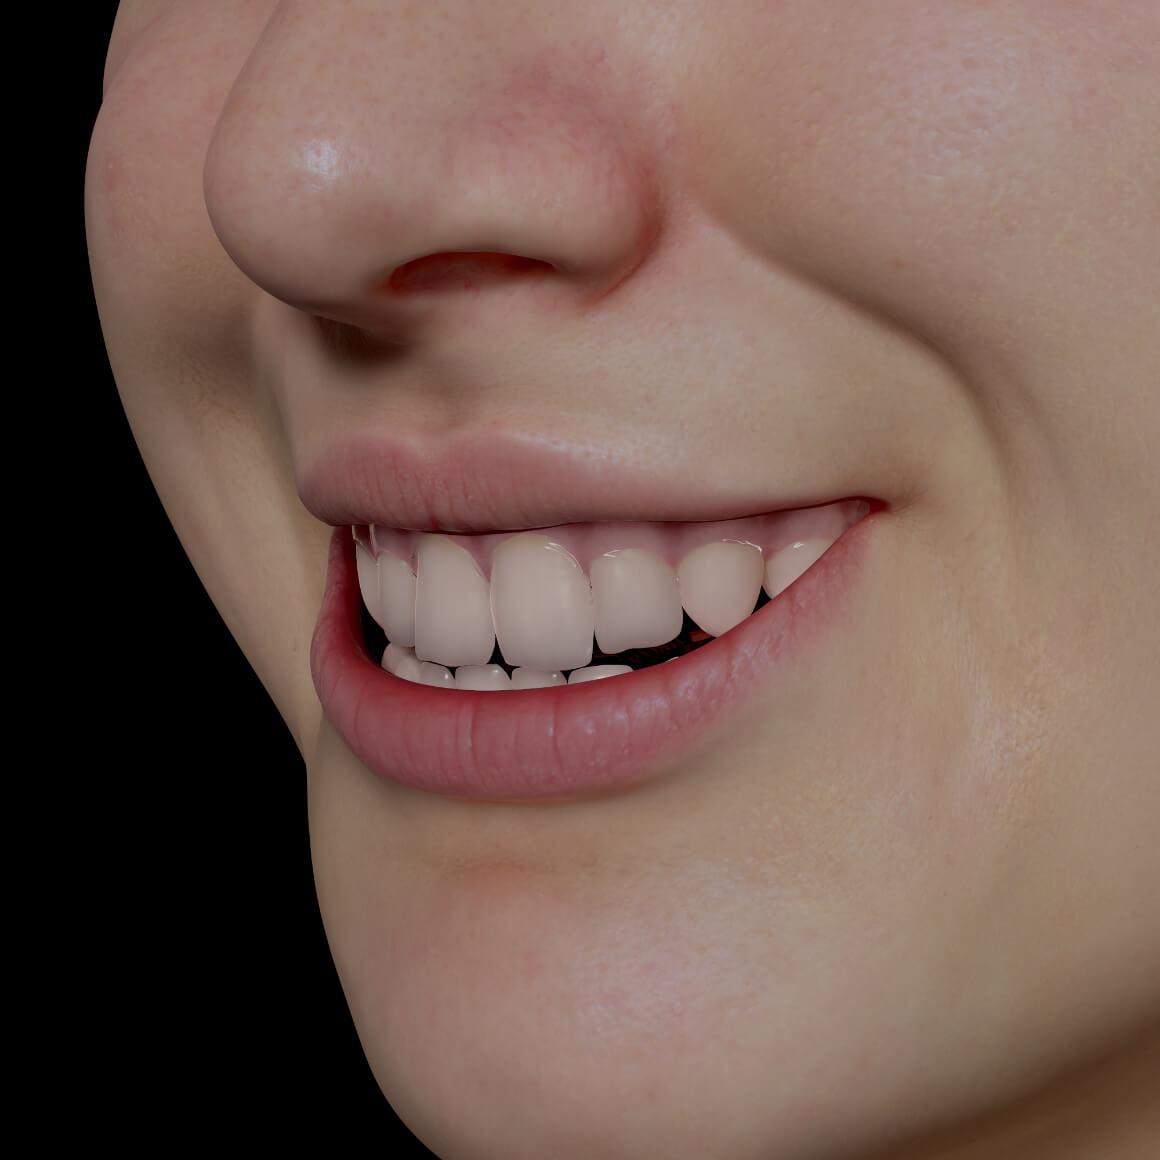 Sourire d'une patiente de la Clinique Chloé en angle après des injections de neuromodulateurs pour traiter le sourire gingival